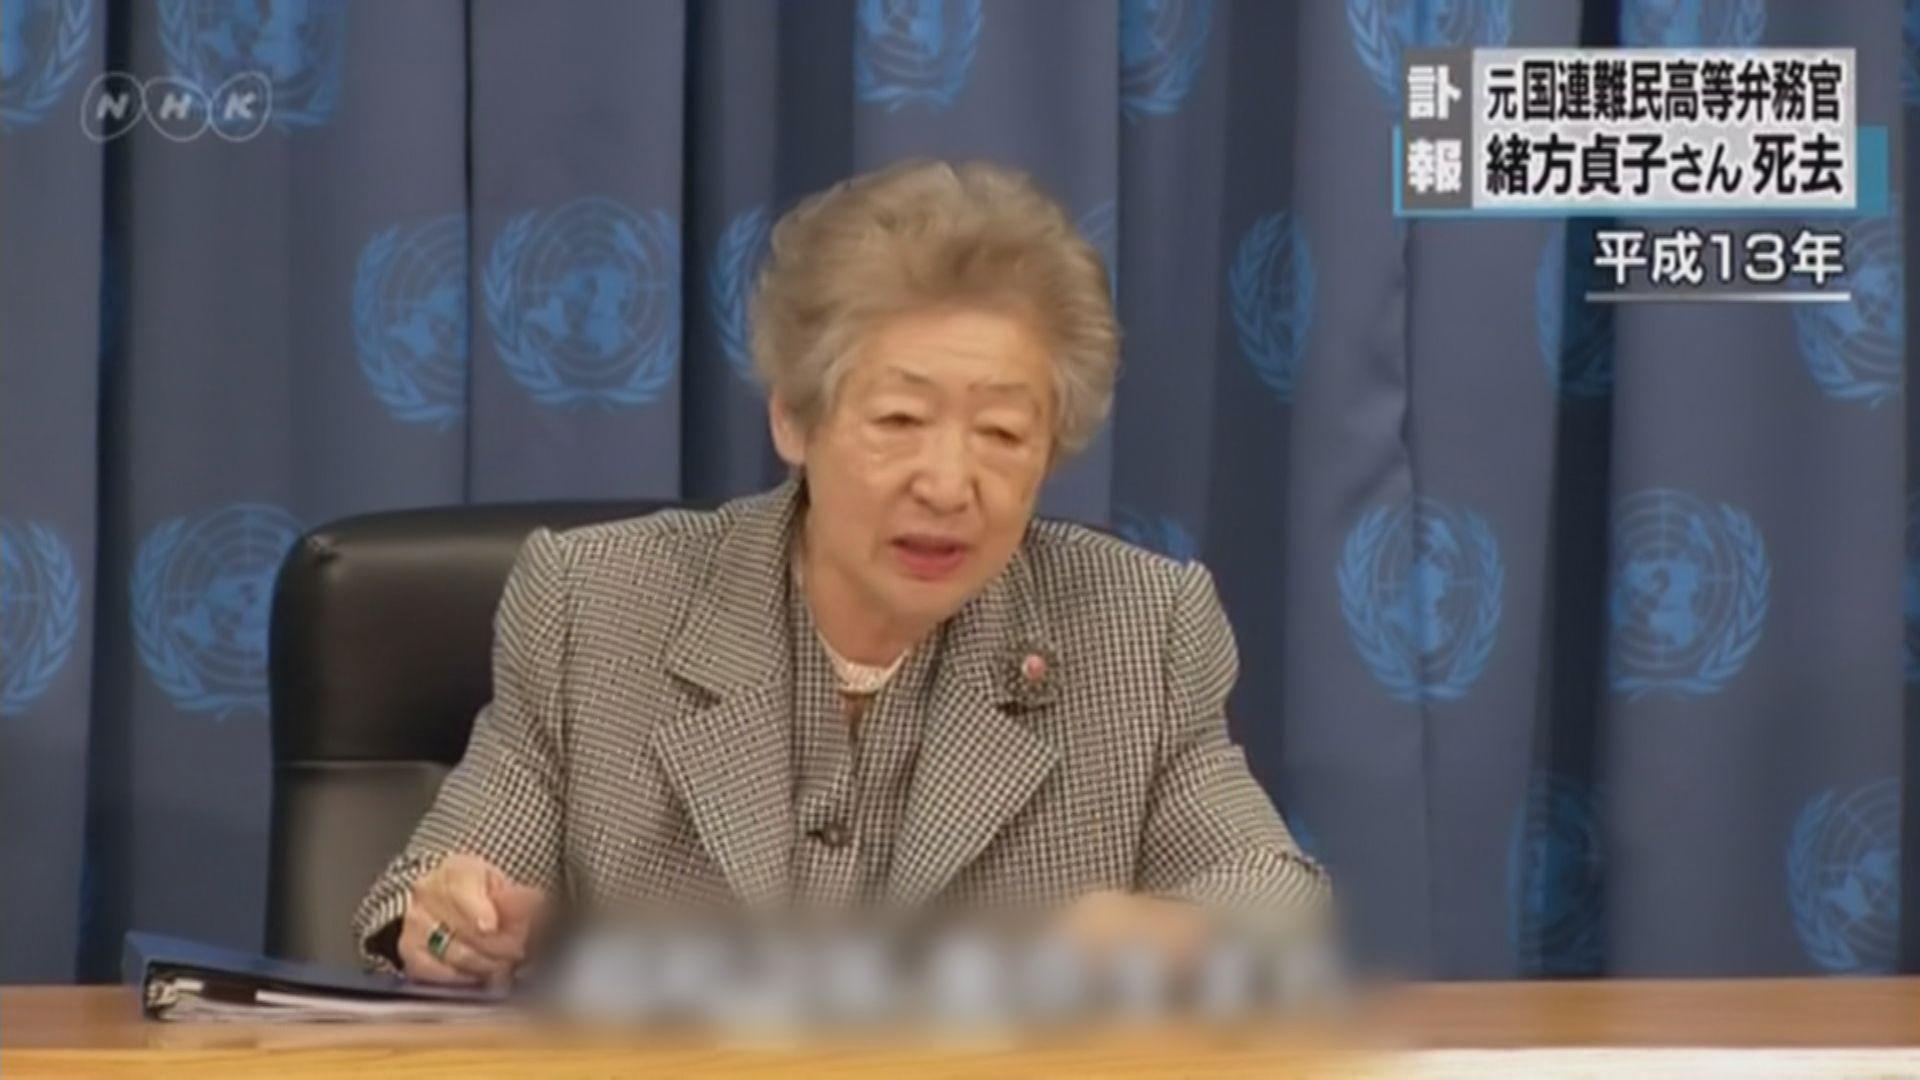 前聯合國難民事務高級專員緒方貞子逝世